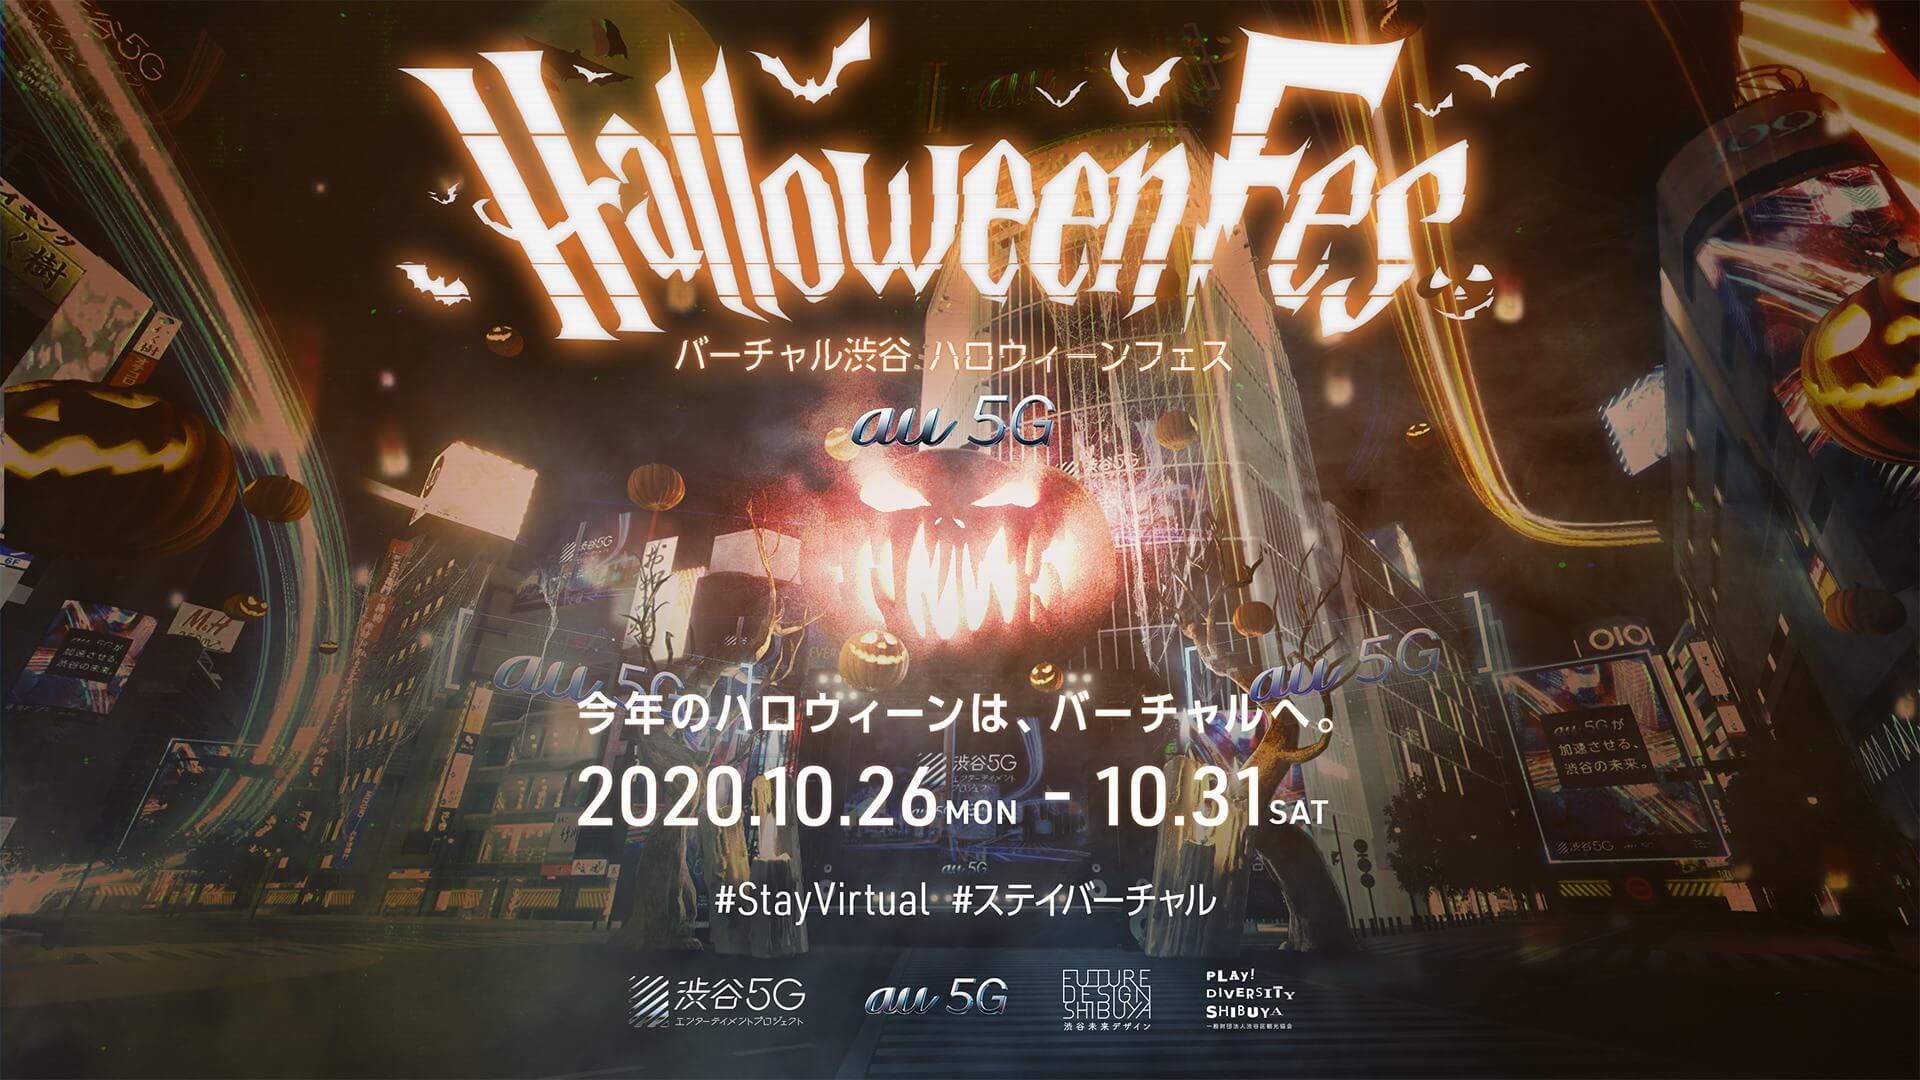 <バーチャル渋谷 au 5G ハロウィーンフェス>がついに本日開幕!最終日はEllen Allien、SURGEONら参加のDOMMUNEコラボイベントも実施 music201026_shibuya_halloween_13